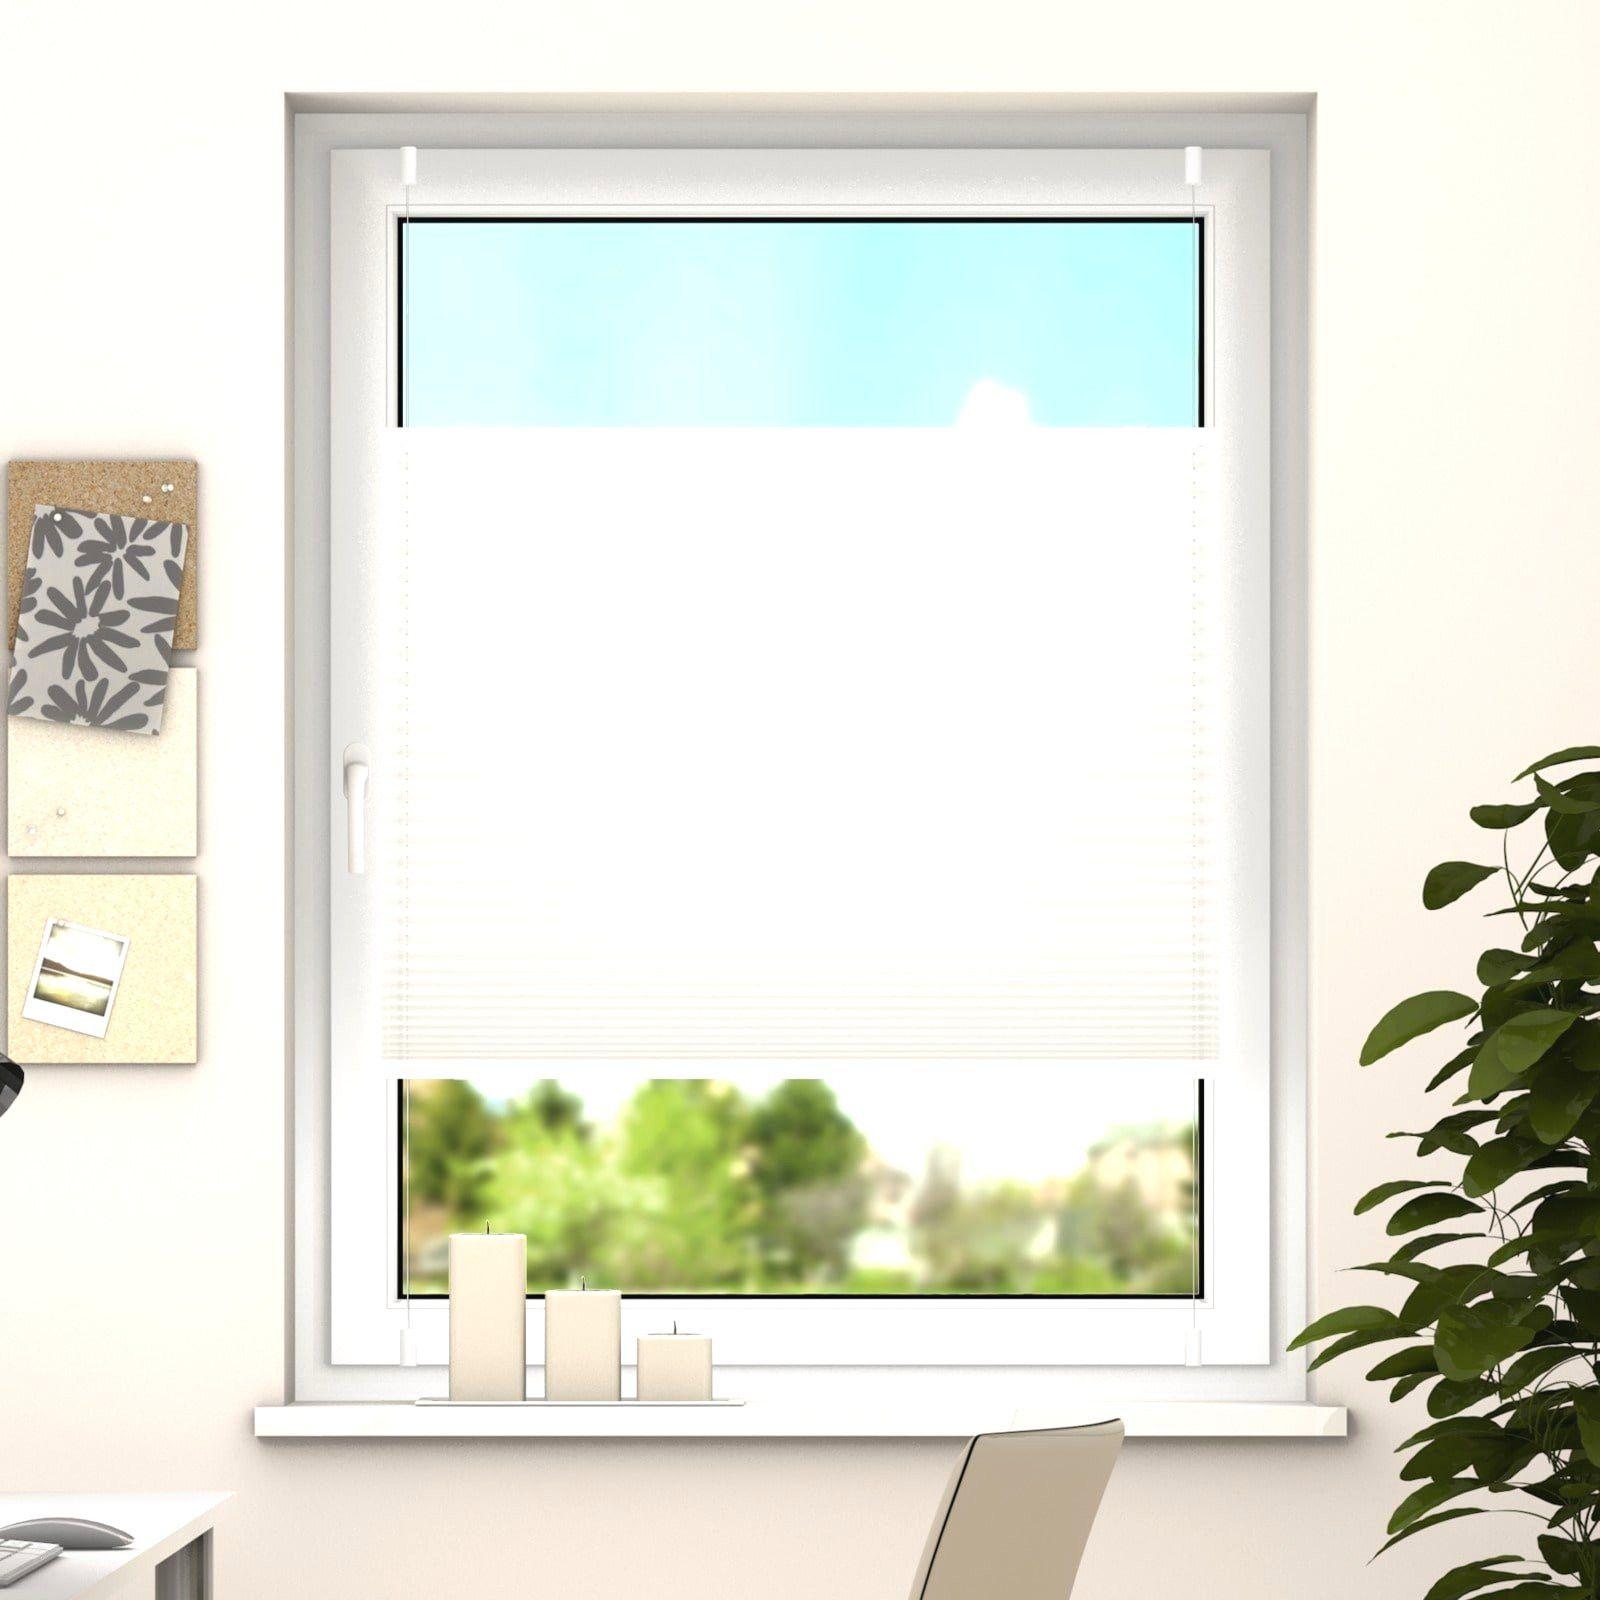 Einzigartig 45 Zum Fenster Sichtschutz Innen Sonnenschutz